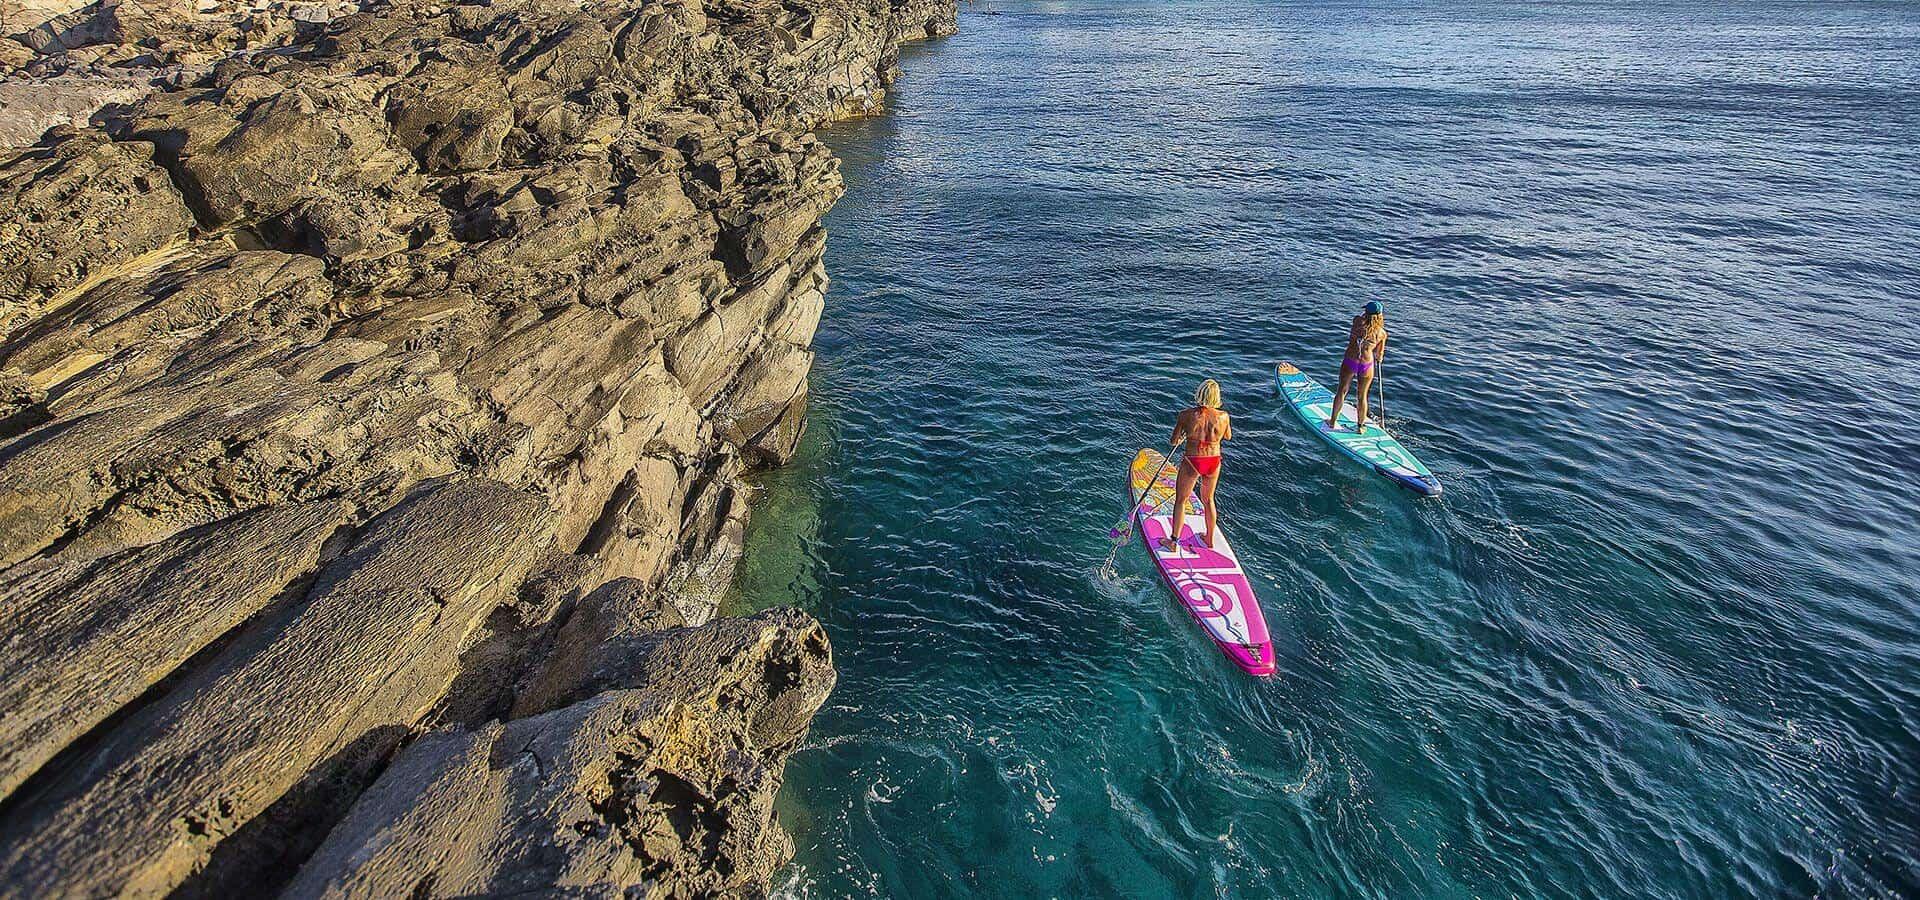 ΕΚΔΡΟΜΕΣ SUP SURF ΣΤΗ ΣΑΝΤΟΡΙΝΗ